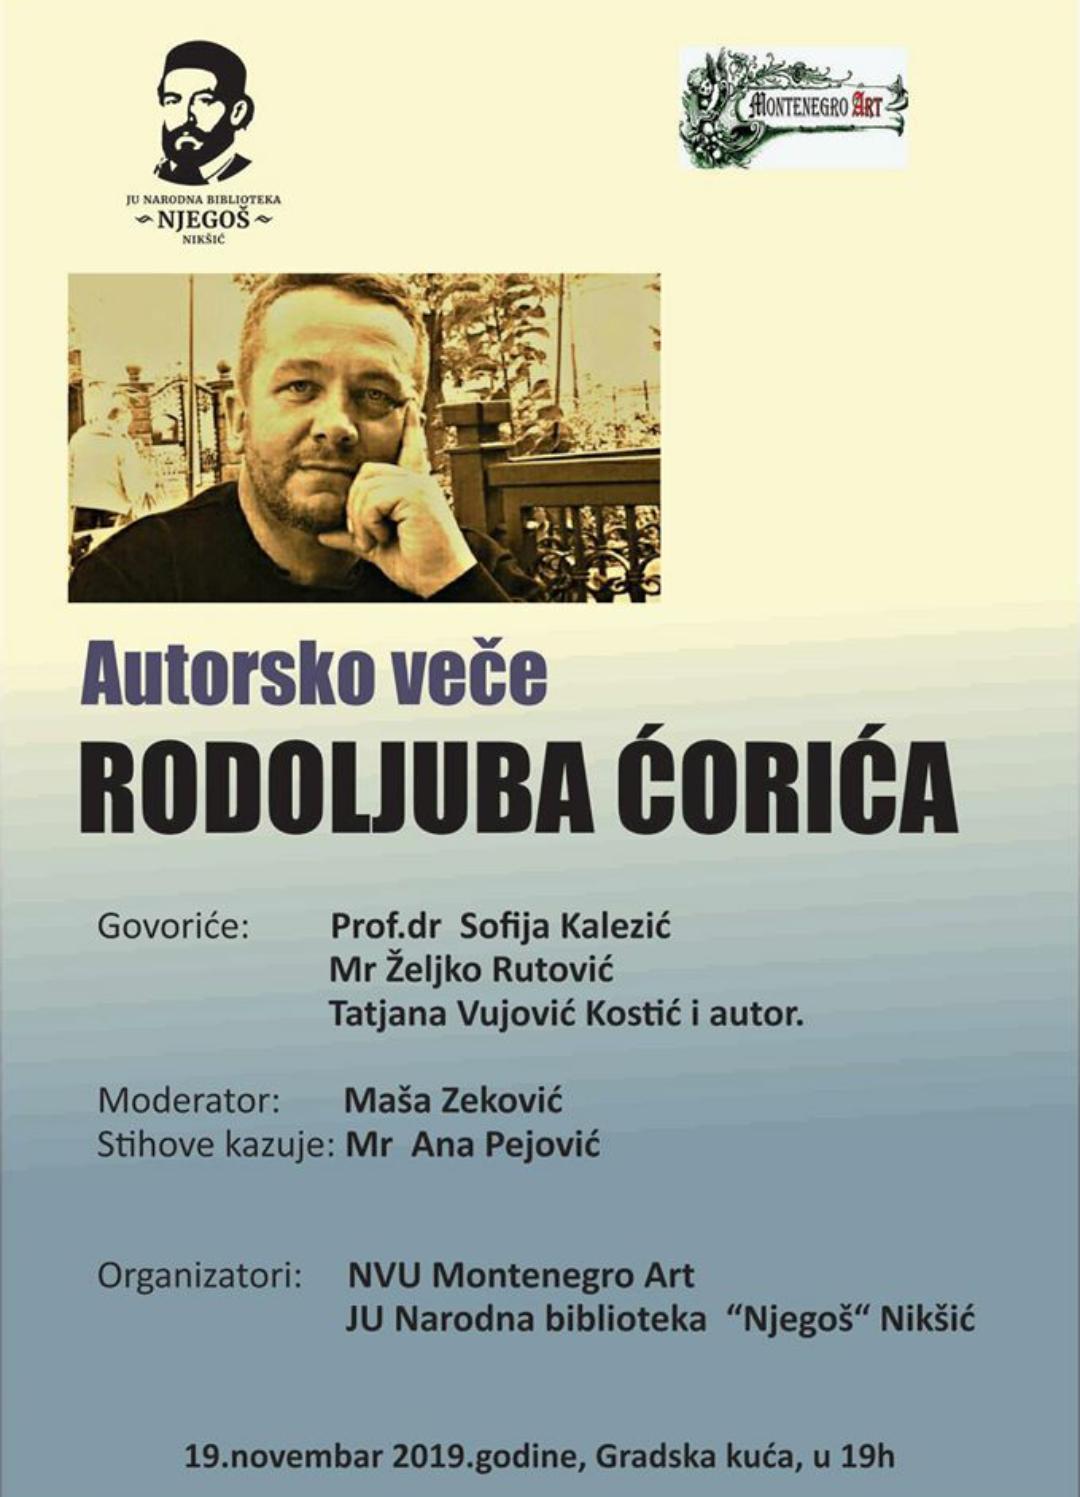 Autorsko veče Rodoljuba Ćorića u Nikšiću